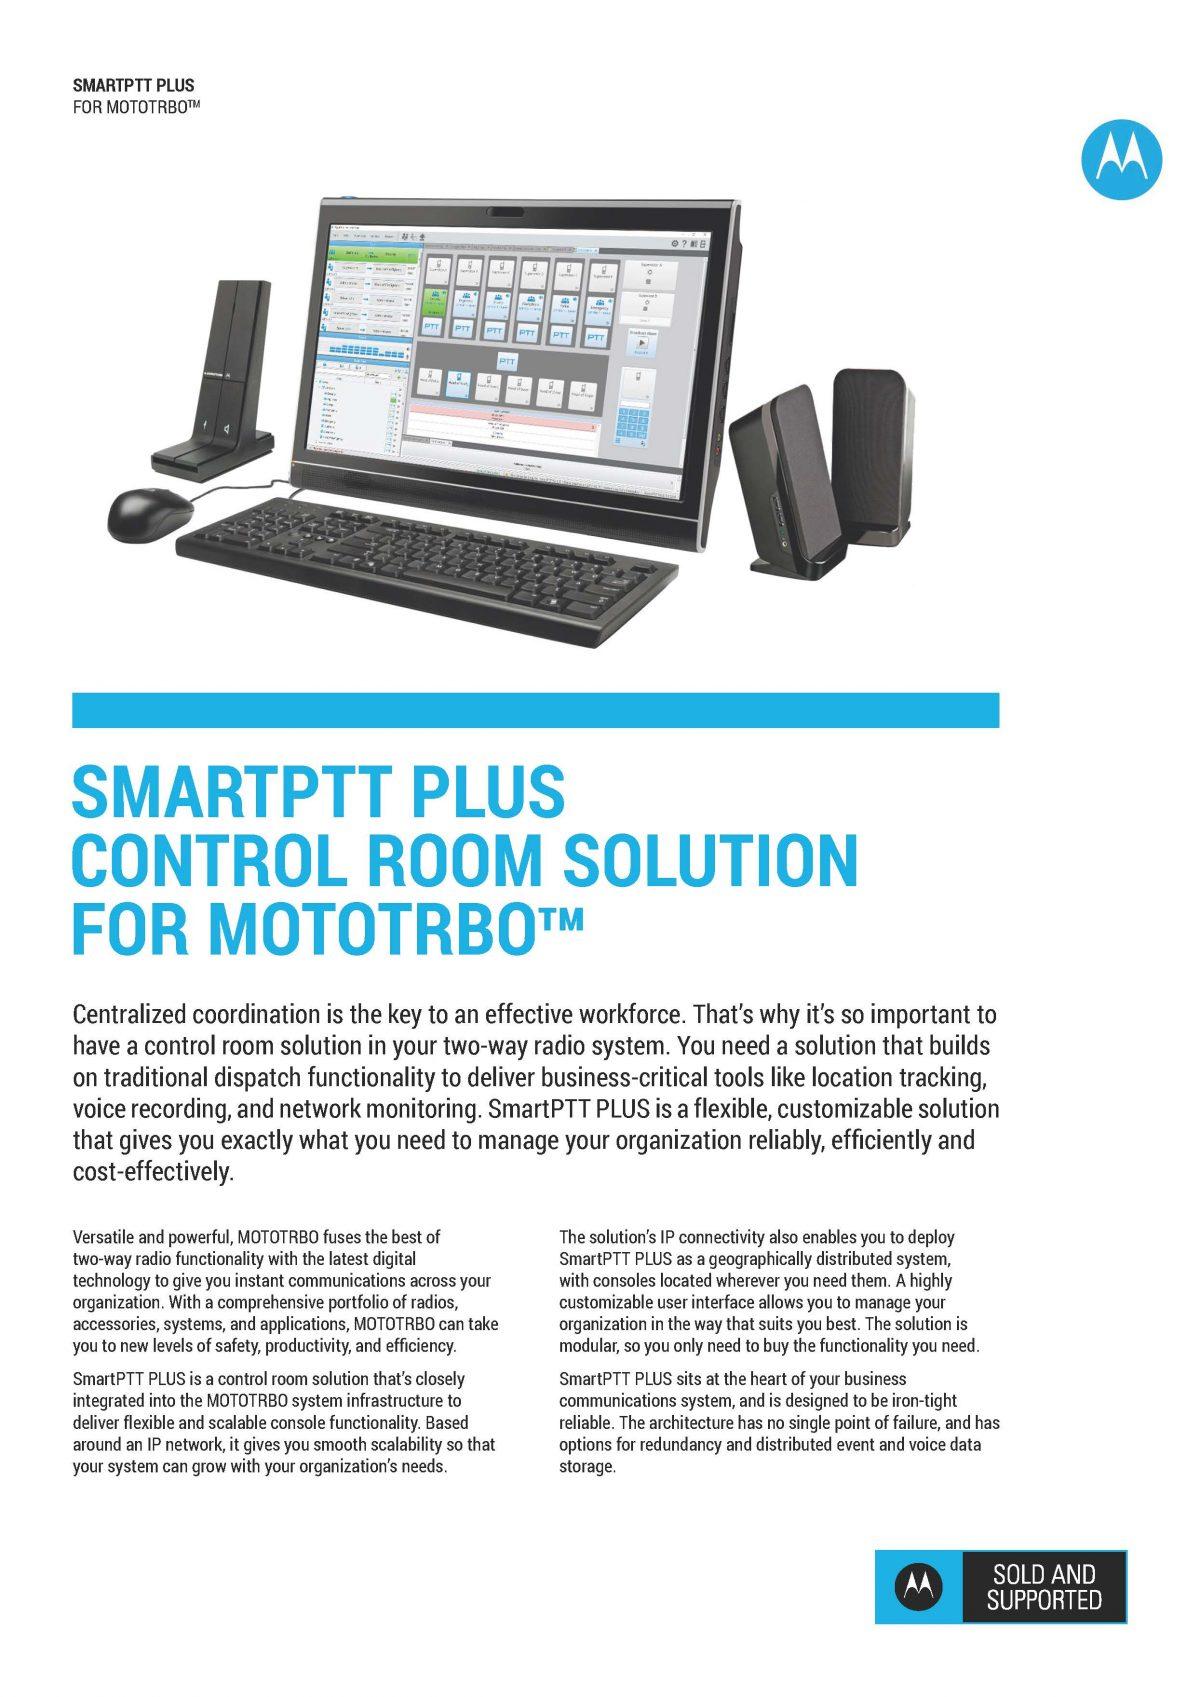 SmartPTT Marketing Brochures | SmartPTT Dispatch Software